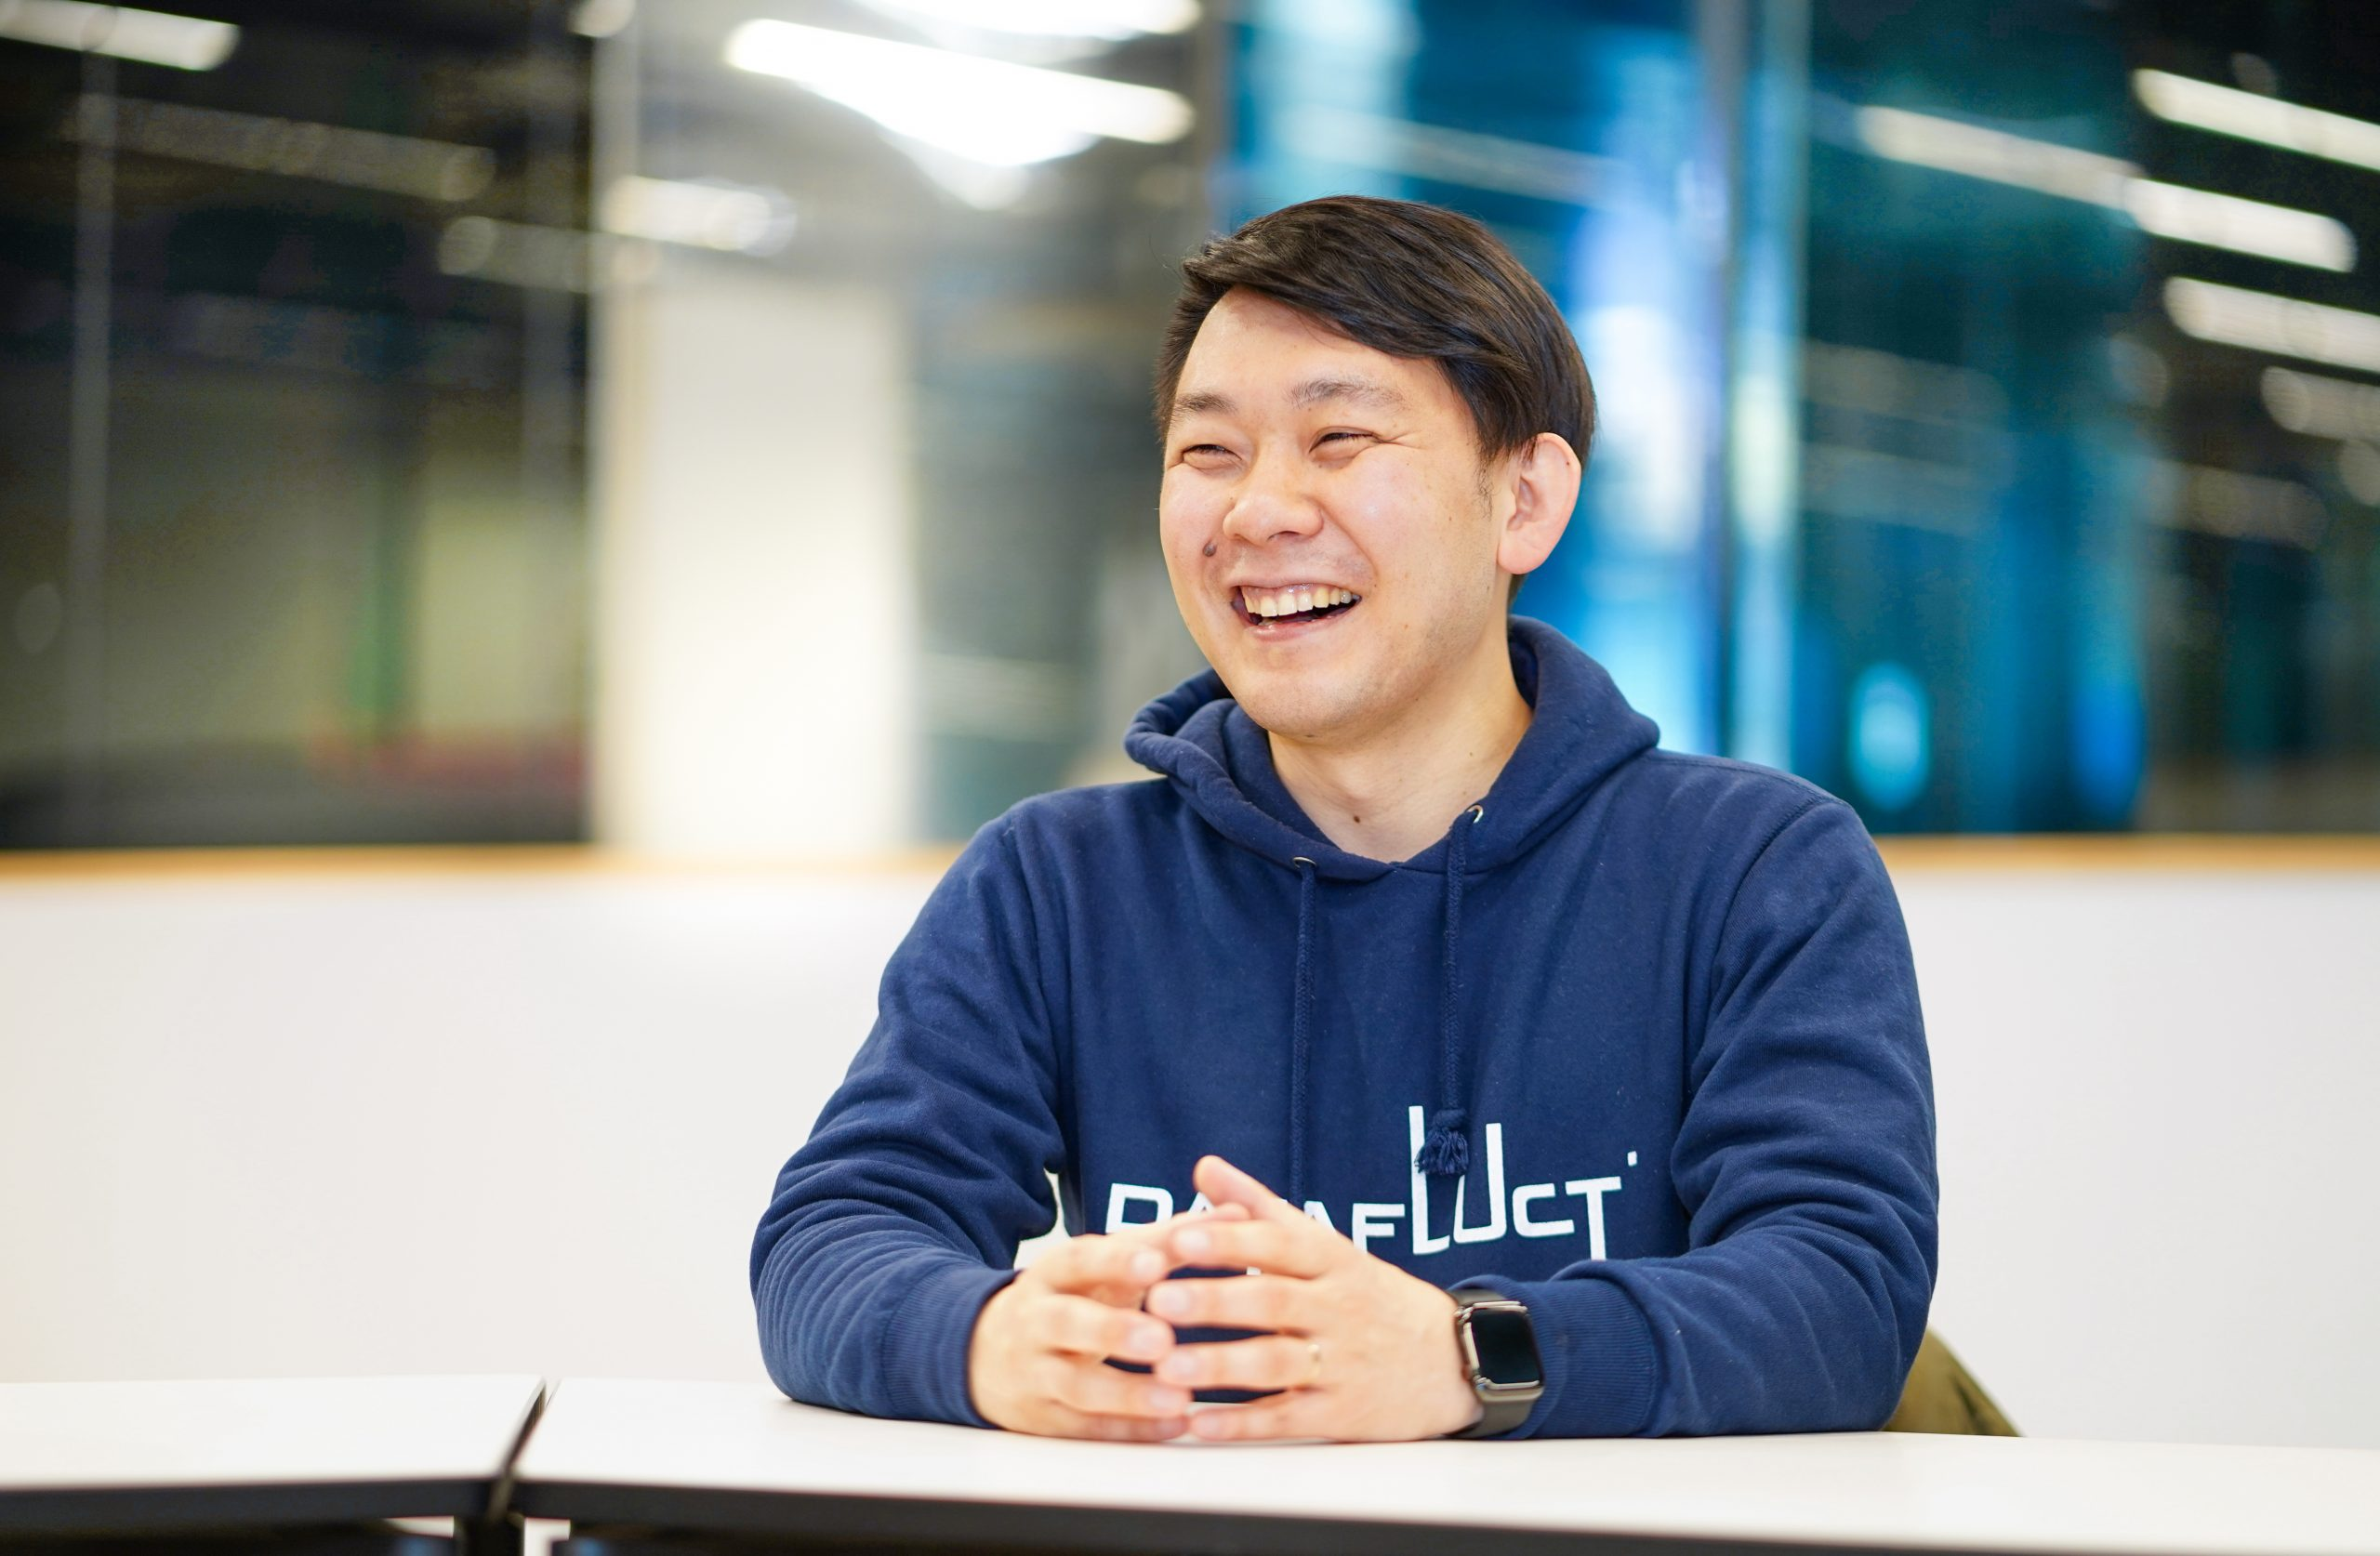 株式会社DATAFLUCT 代表取締役 久米村 隼人氏